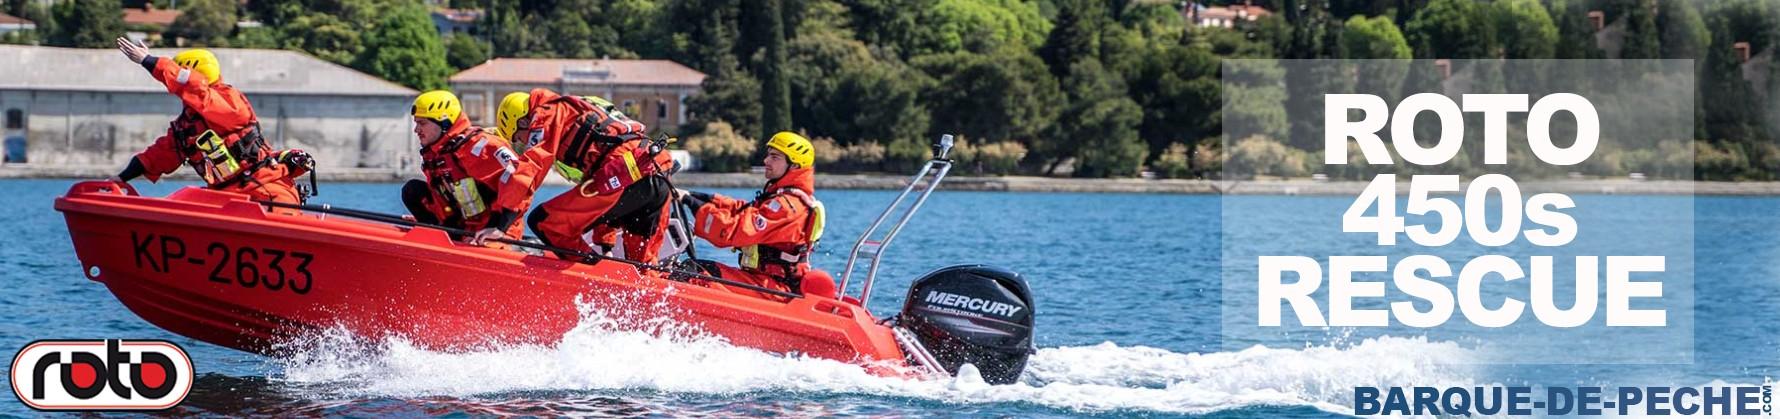 bateau roto 450 s rescue